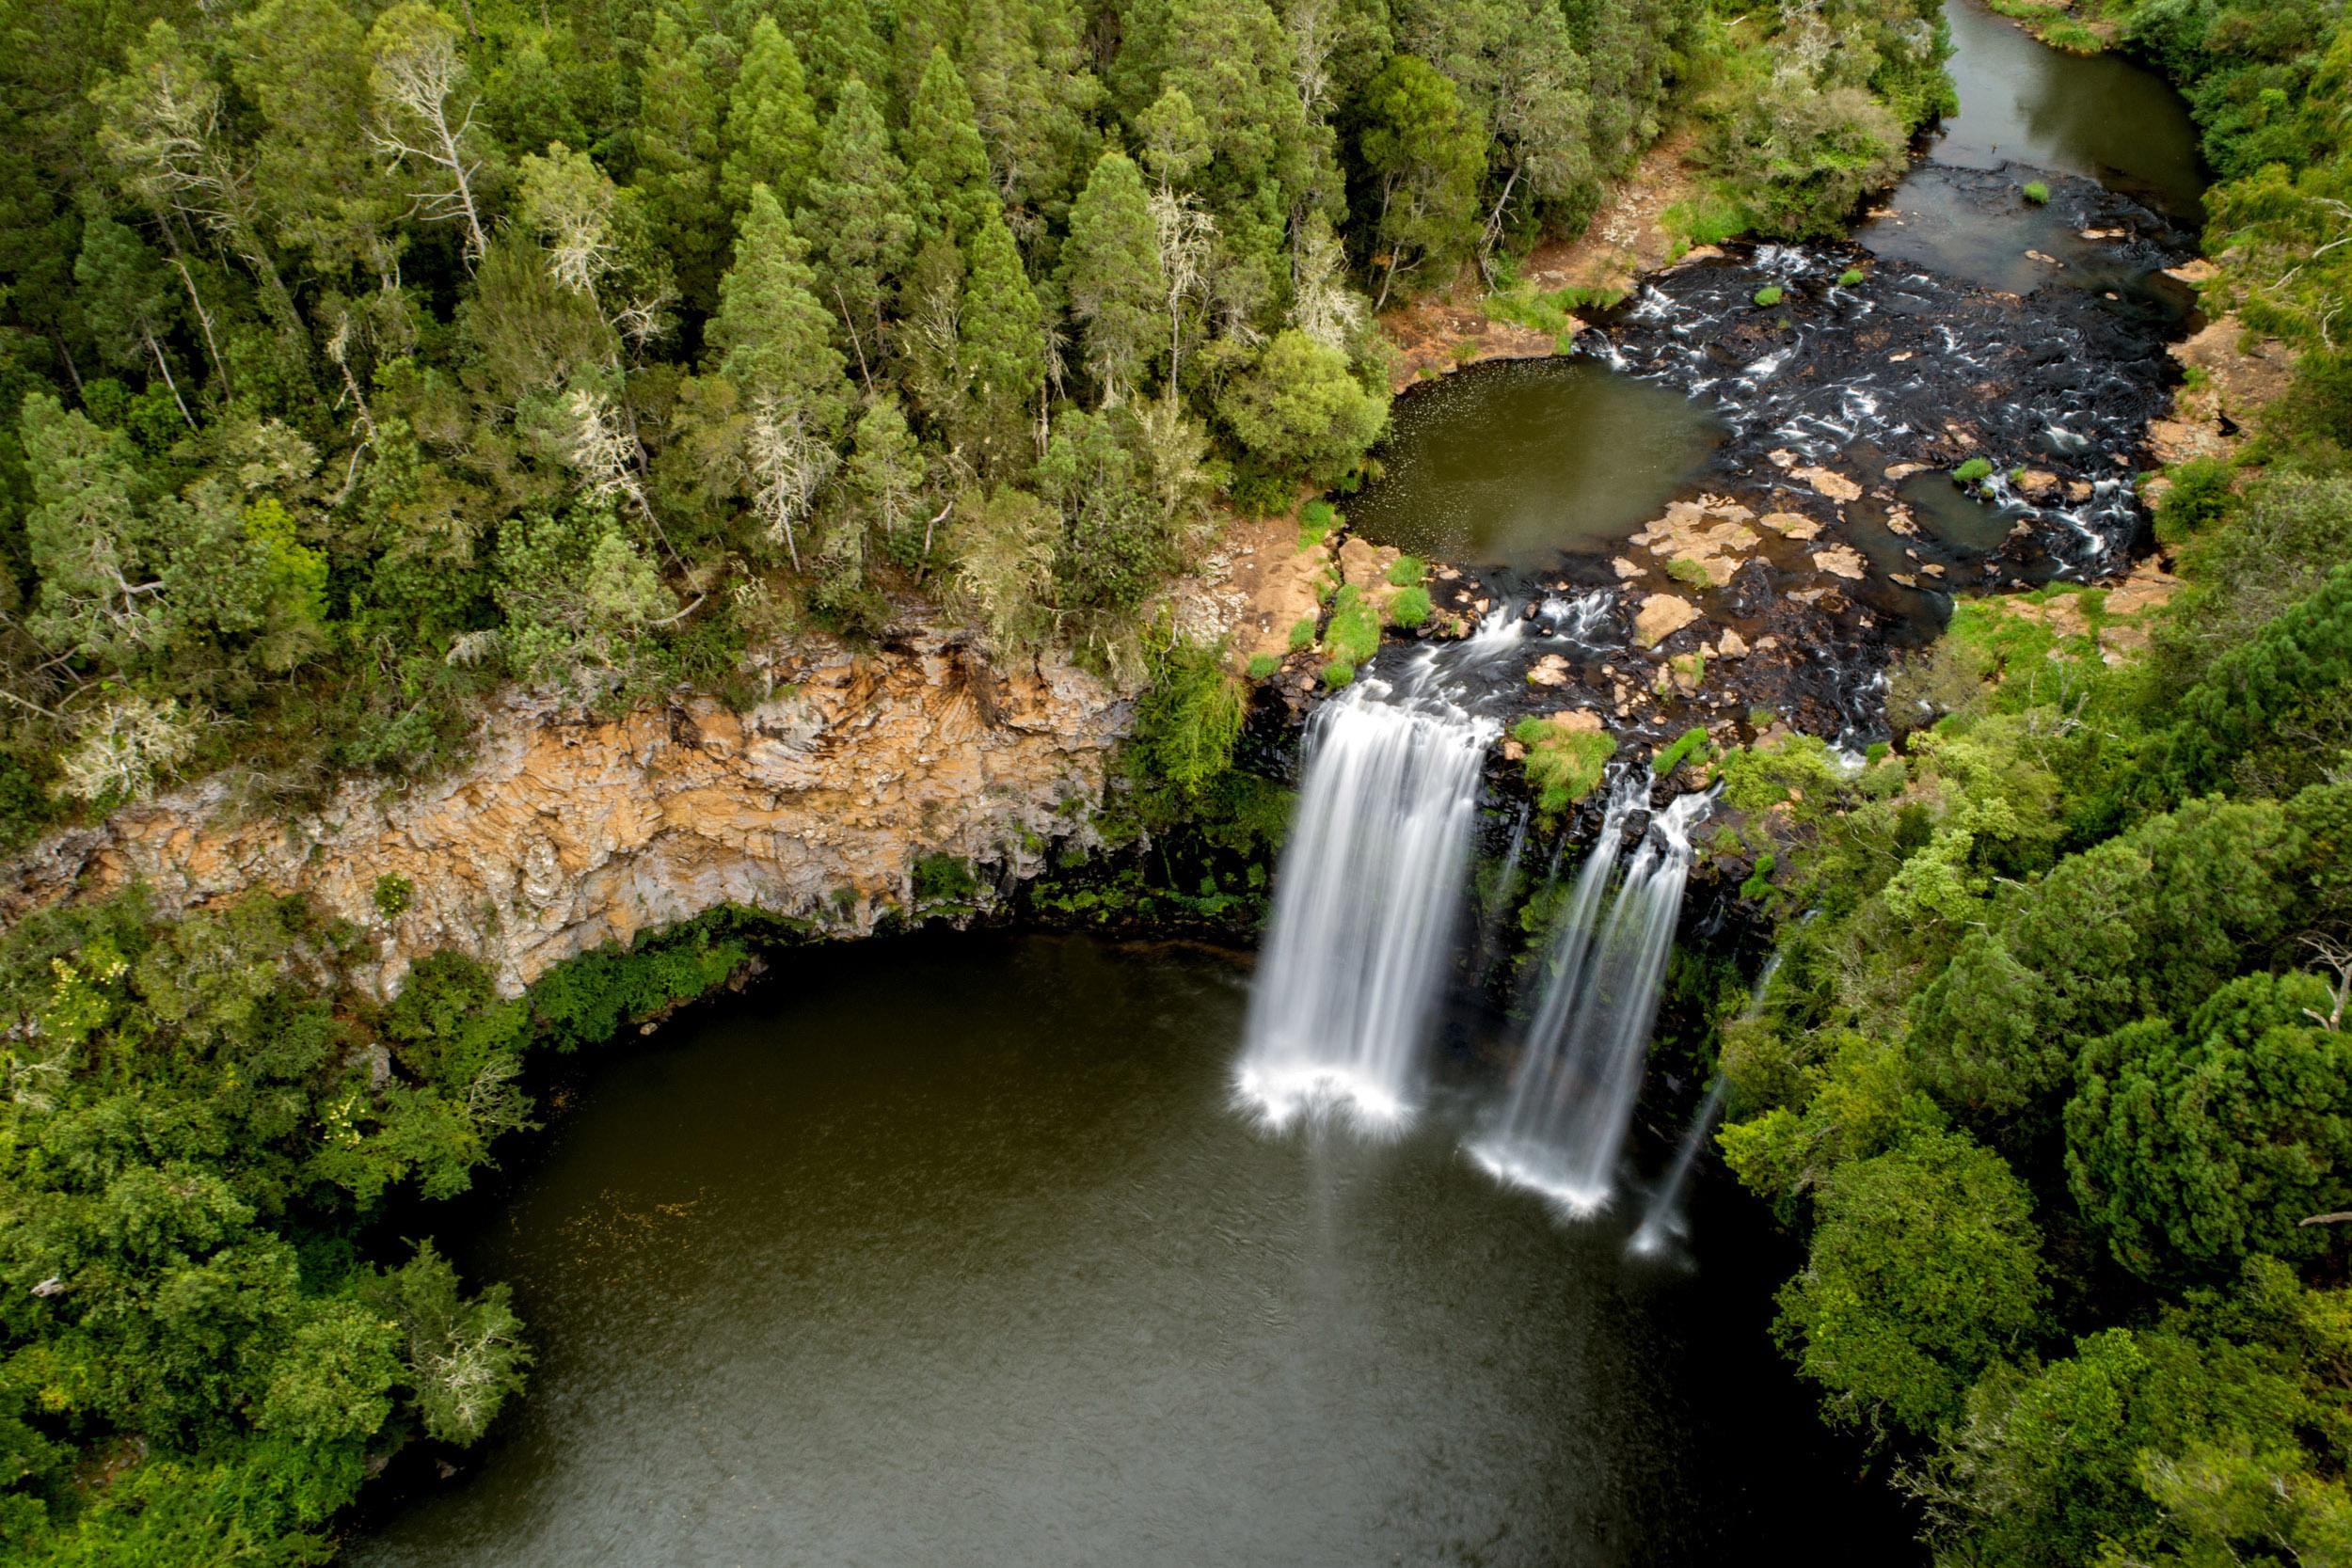 dangar-falls-dorrigo-aerial-waterfall.jpg